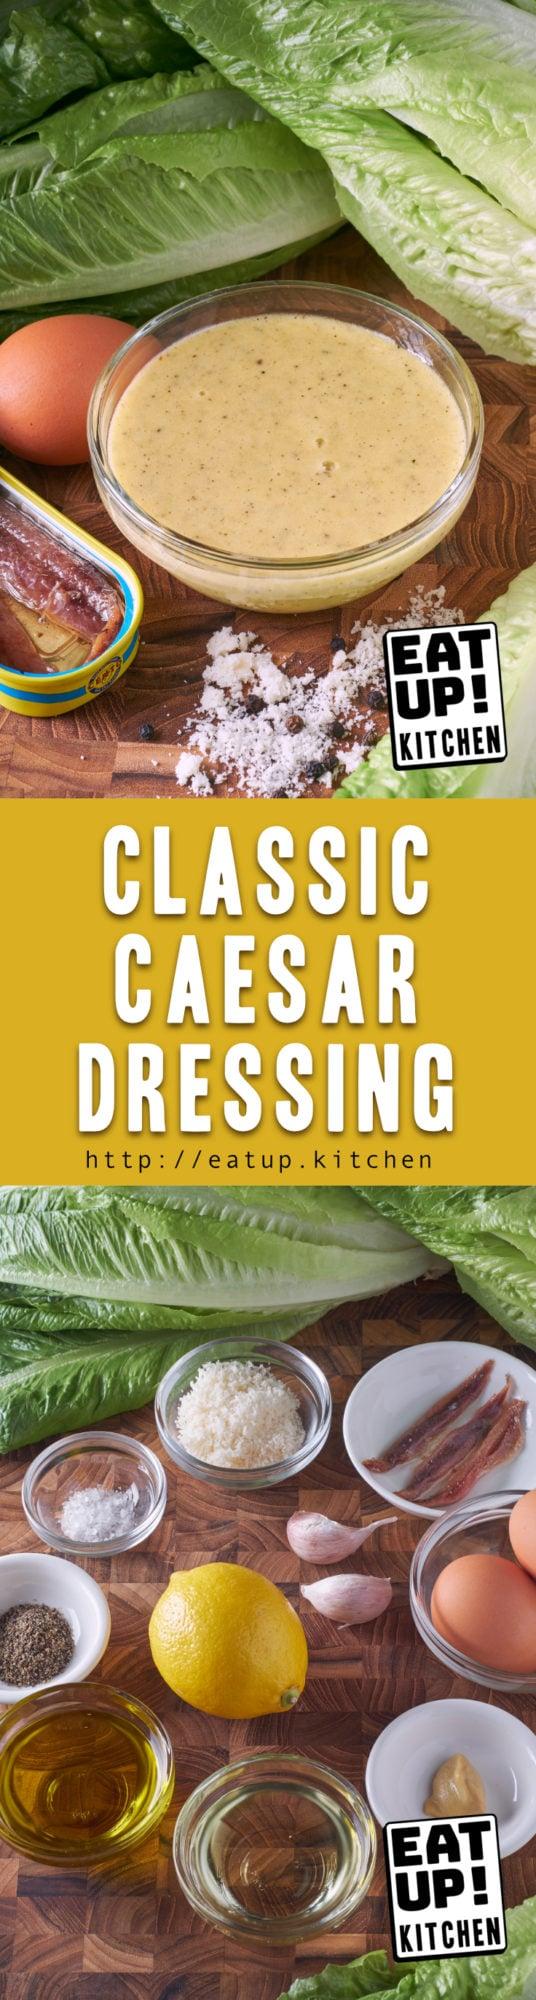 Classic Caesar Dressing